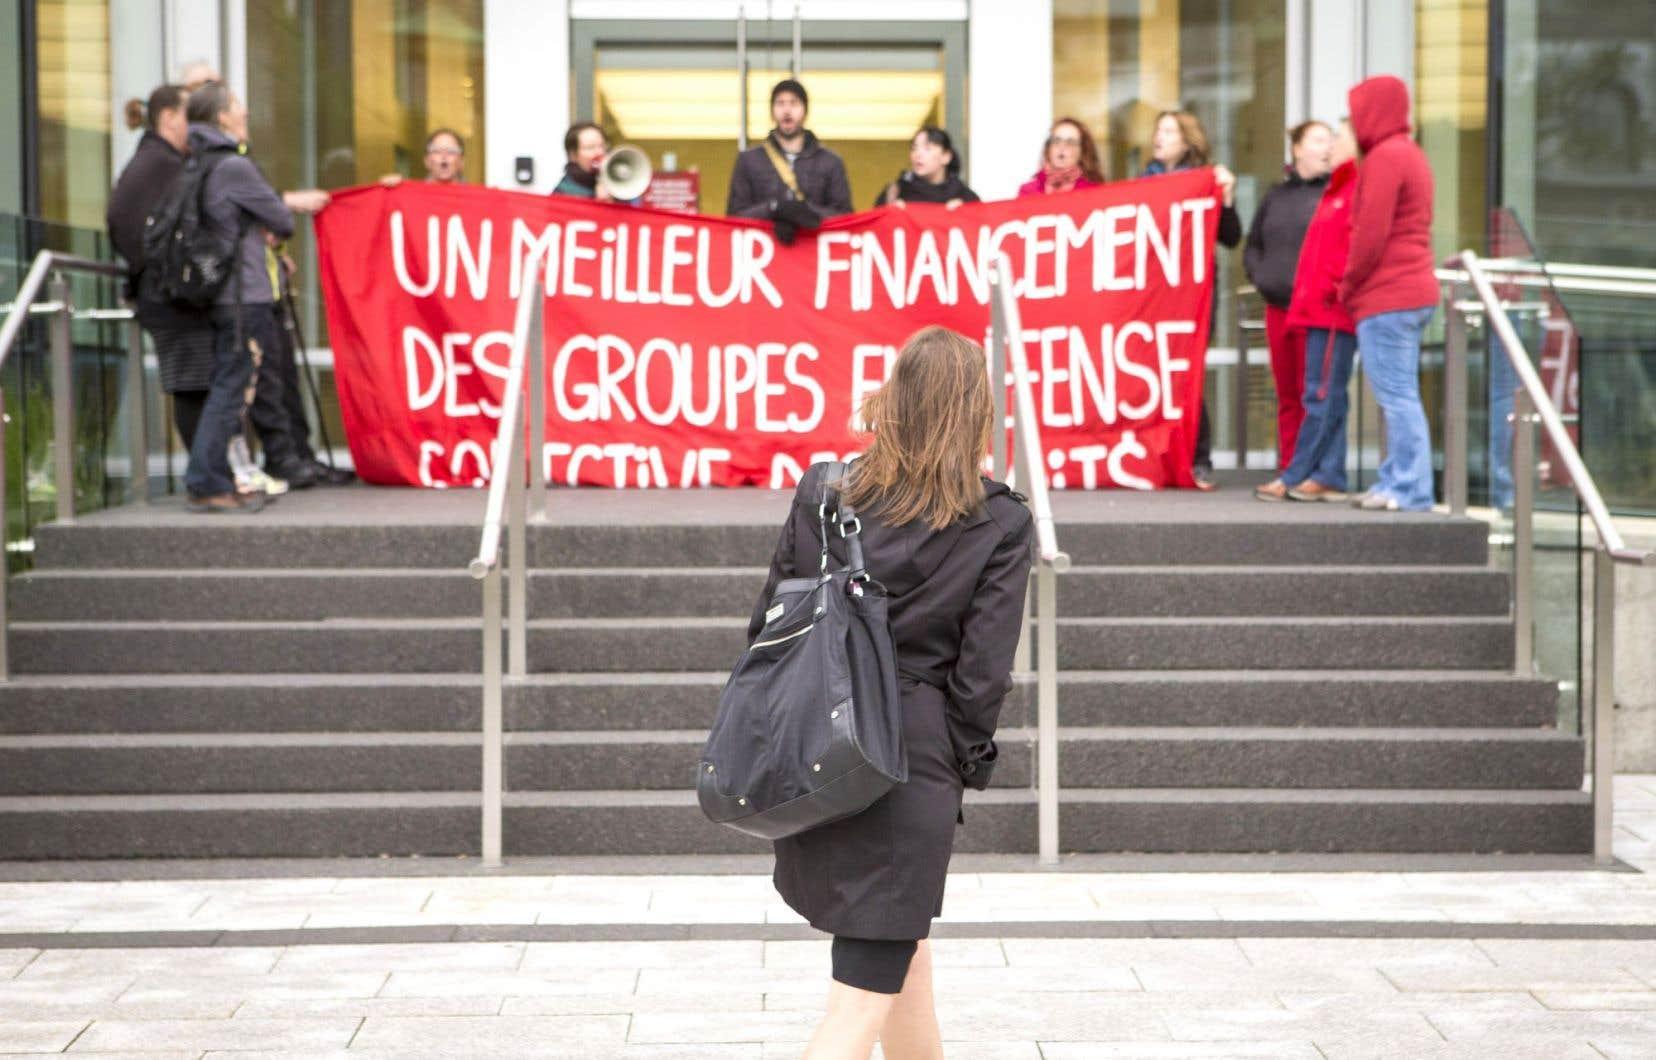 L'action de mercredi à Québec s'est déroulée sans heurts malgré quelques frictions avec les travailleurs.